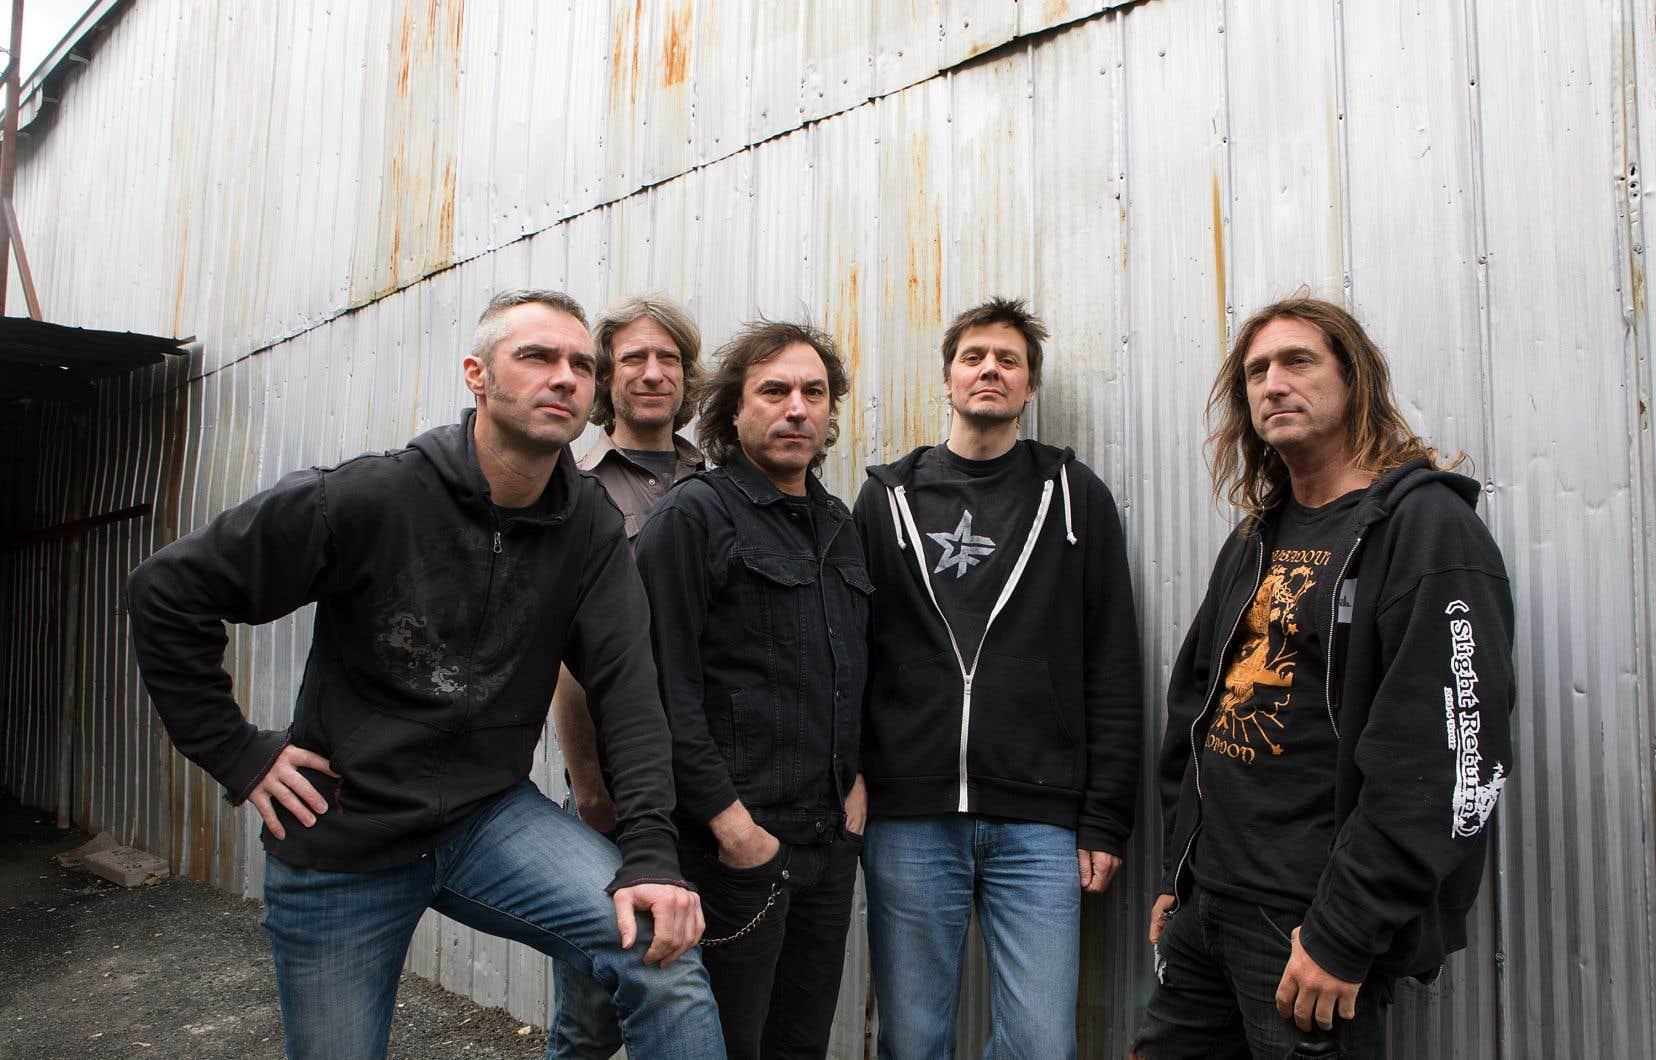 Le groupe a, de son propre aveu, de plus en plus de mal à écrire les textes de ses chansons, la musique trouvant plus facilement son chemin dans le processus de création.